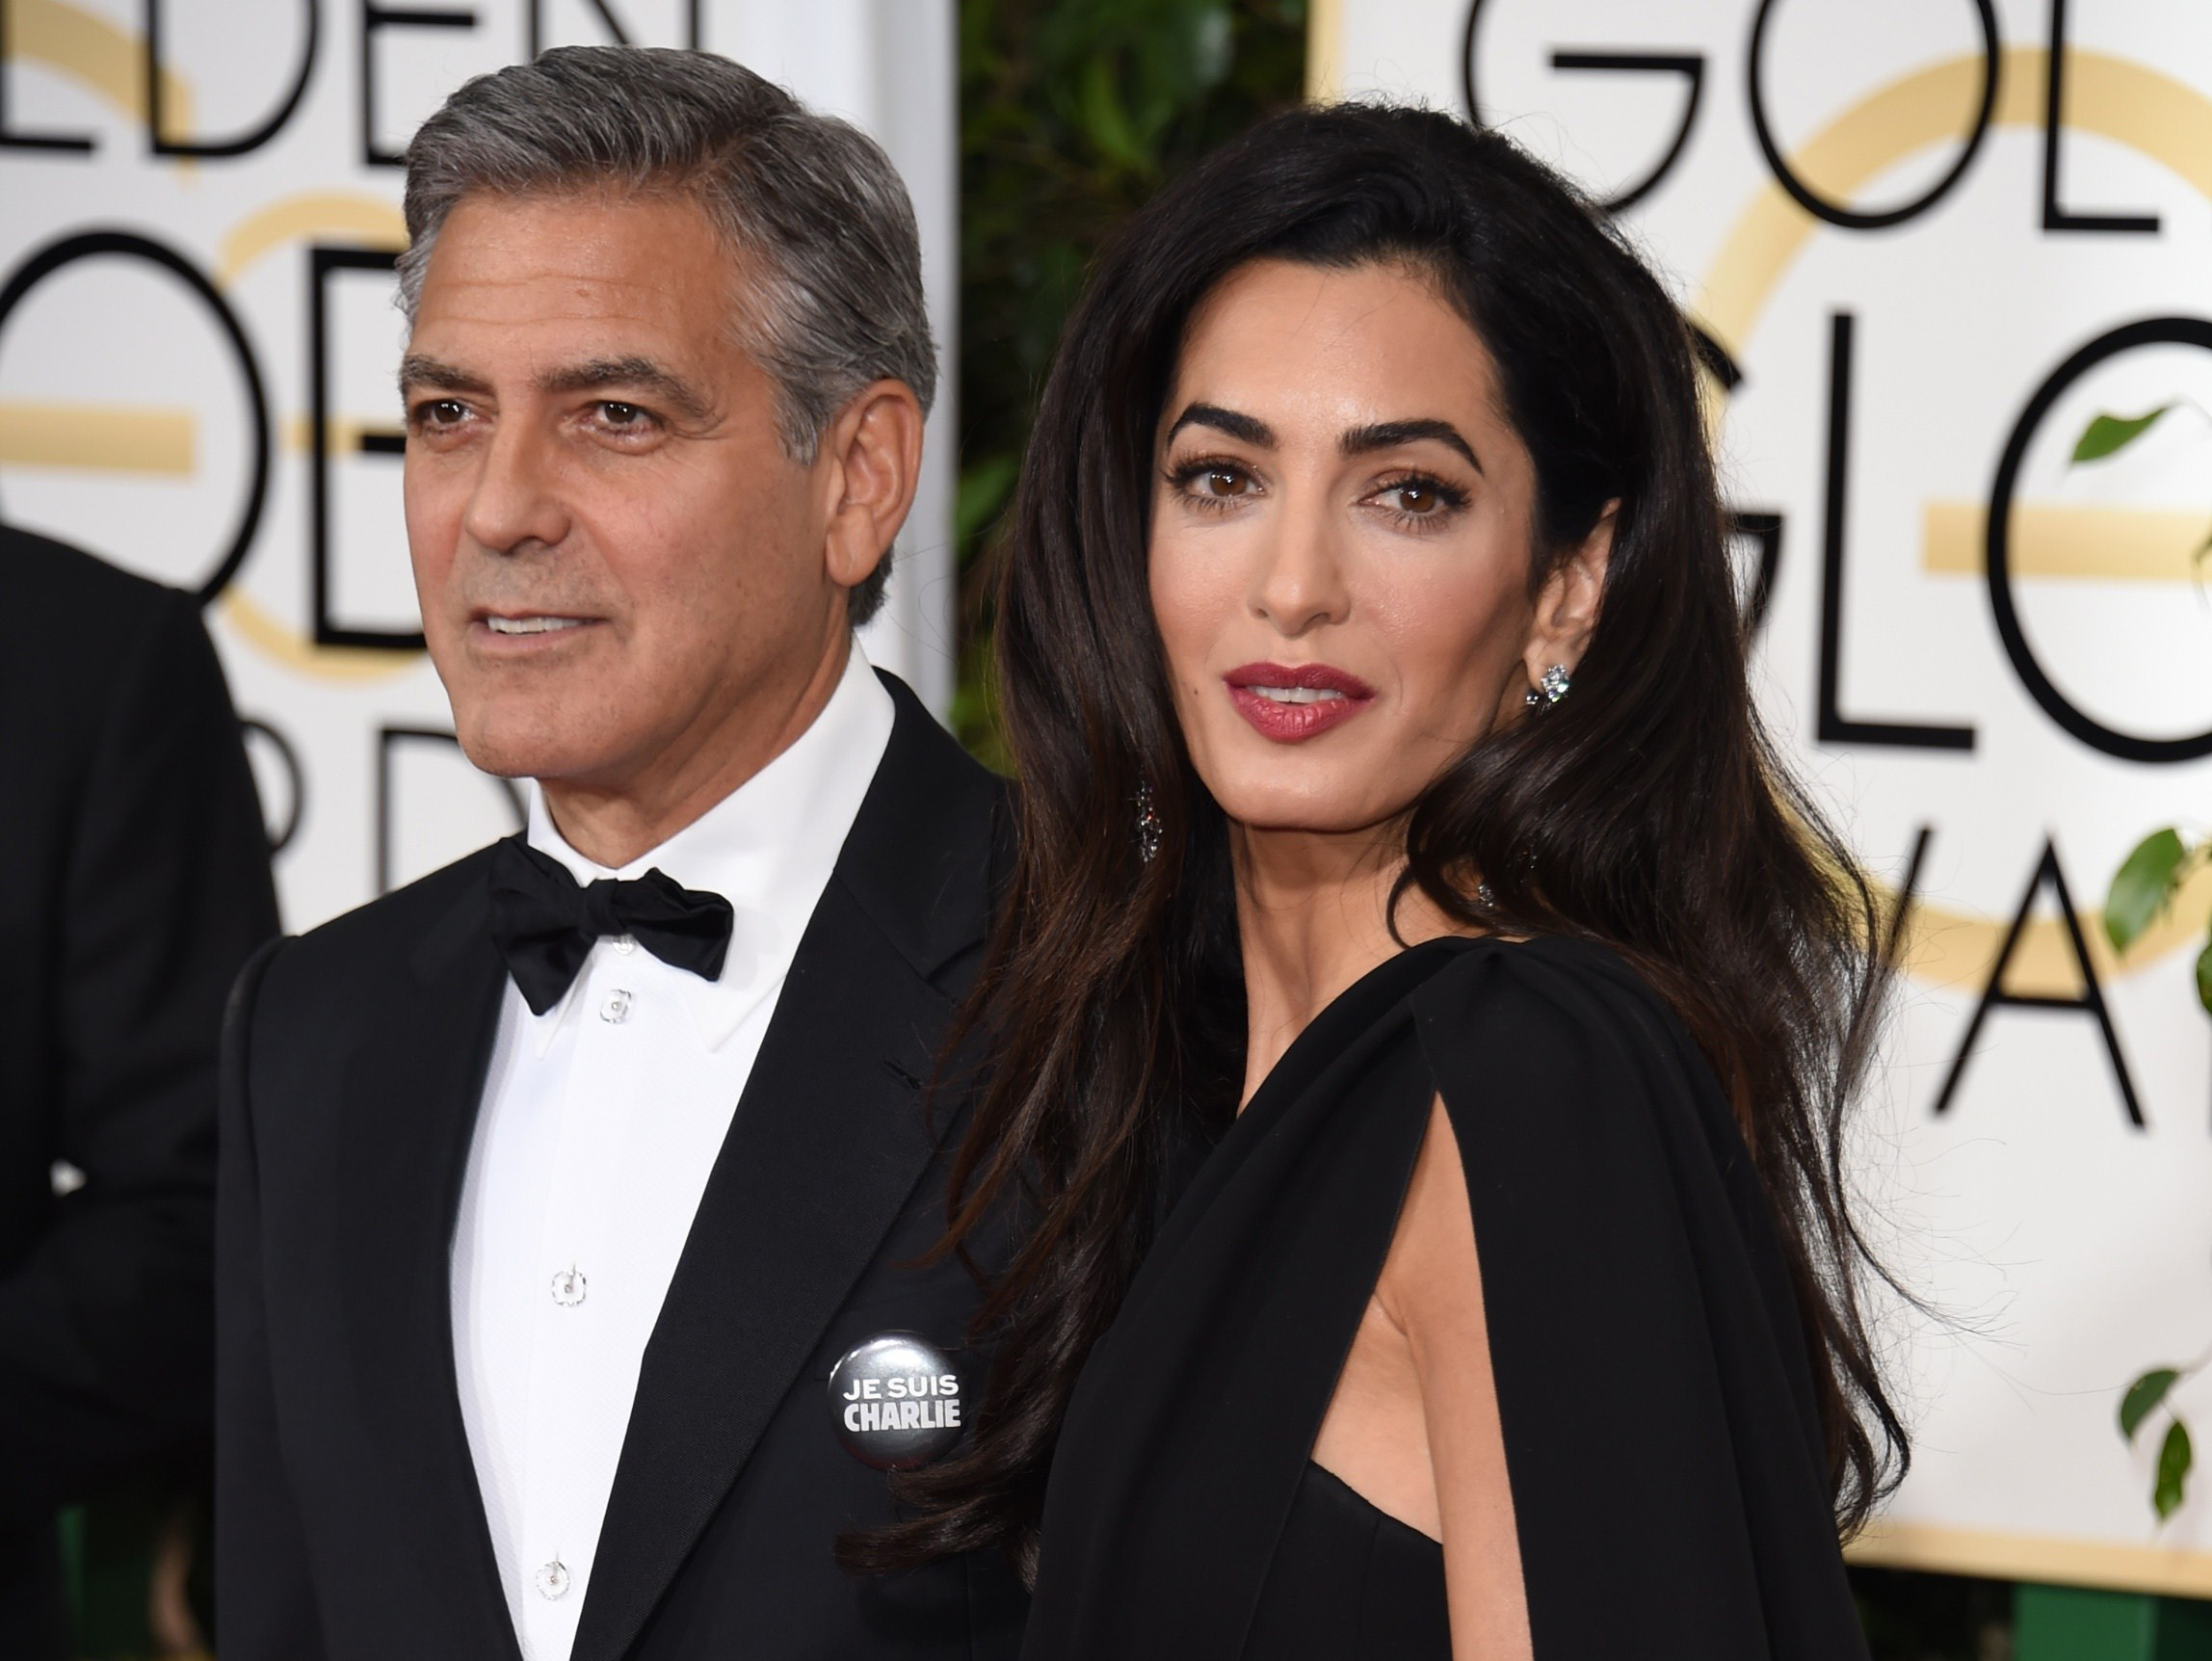 George Clooney și soția sa, Amal, vor deveni părinți de gemeni, a declarat o sursă din anturajul familiei, citată de Daily Mail.